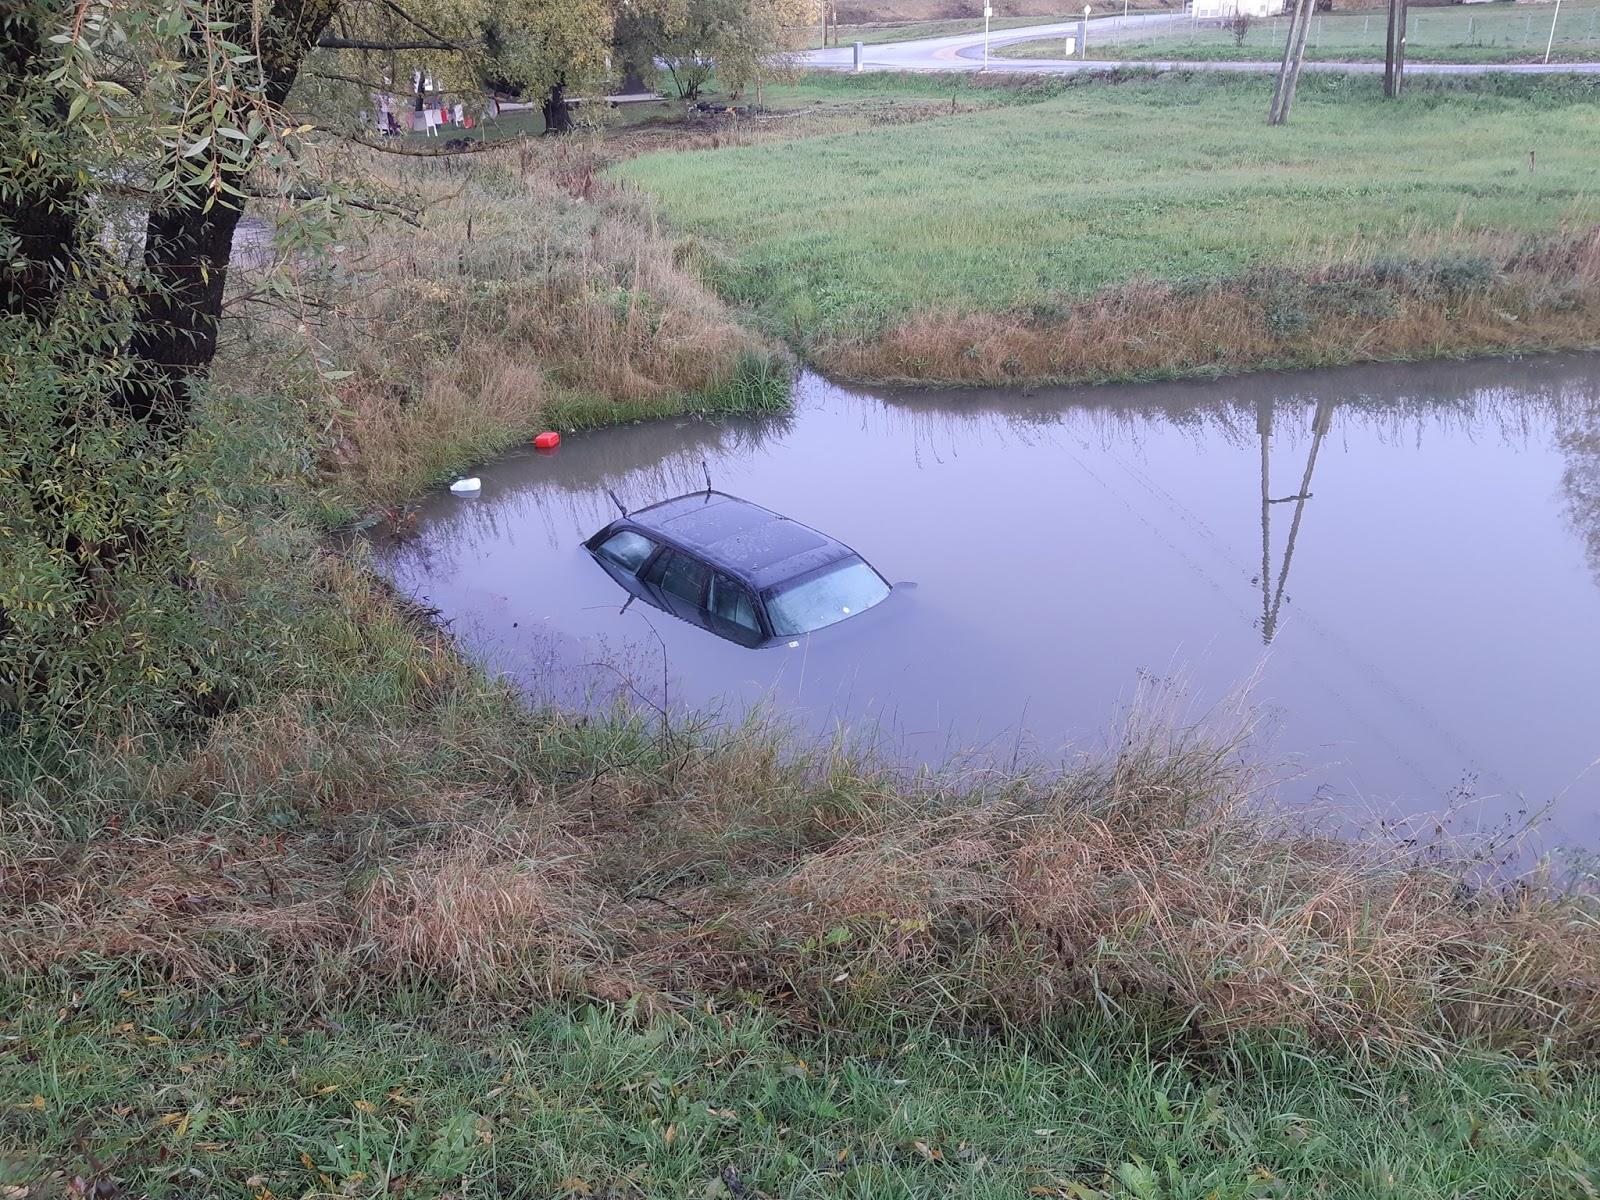 Vieglā automašīna Tukumā pēc avārijas nogrimst ūdens piepildītā grāvī 4